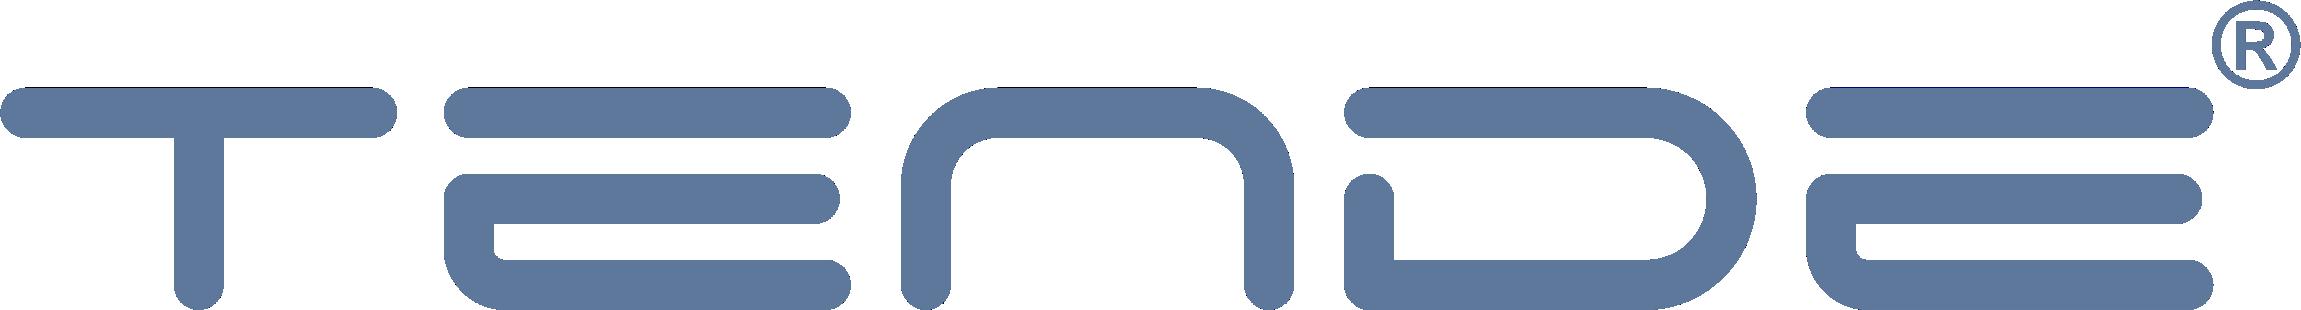 Tende Elektronik Yazılım Mühendislik İletişim Makina Sanayi ve Ticaret Ltd. Şti., TENDE